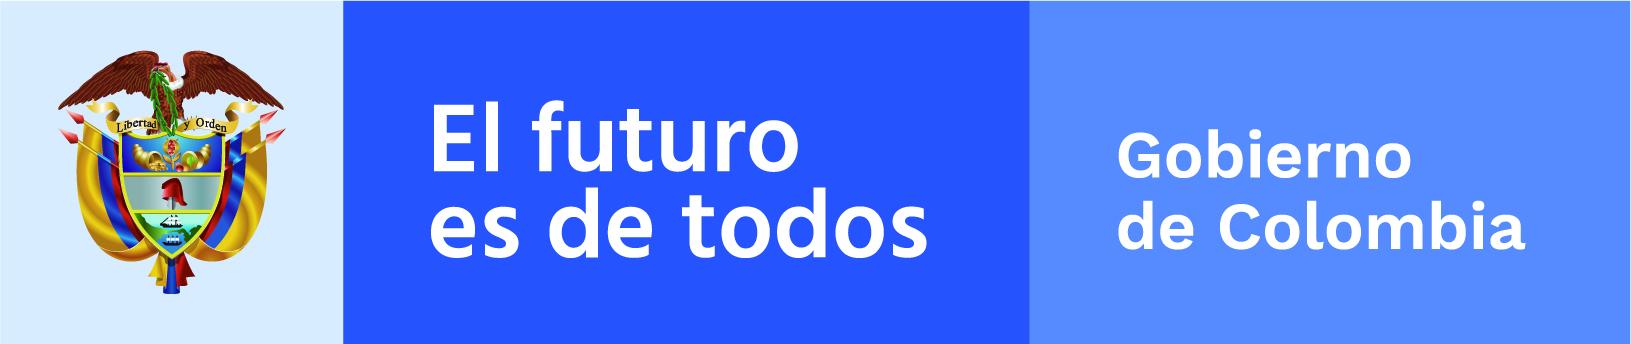 2. Gobierno de colombia